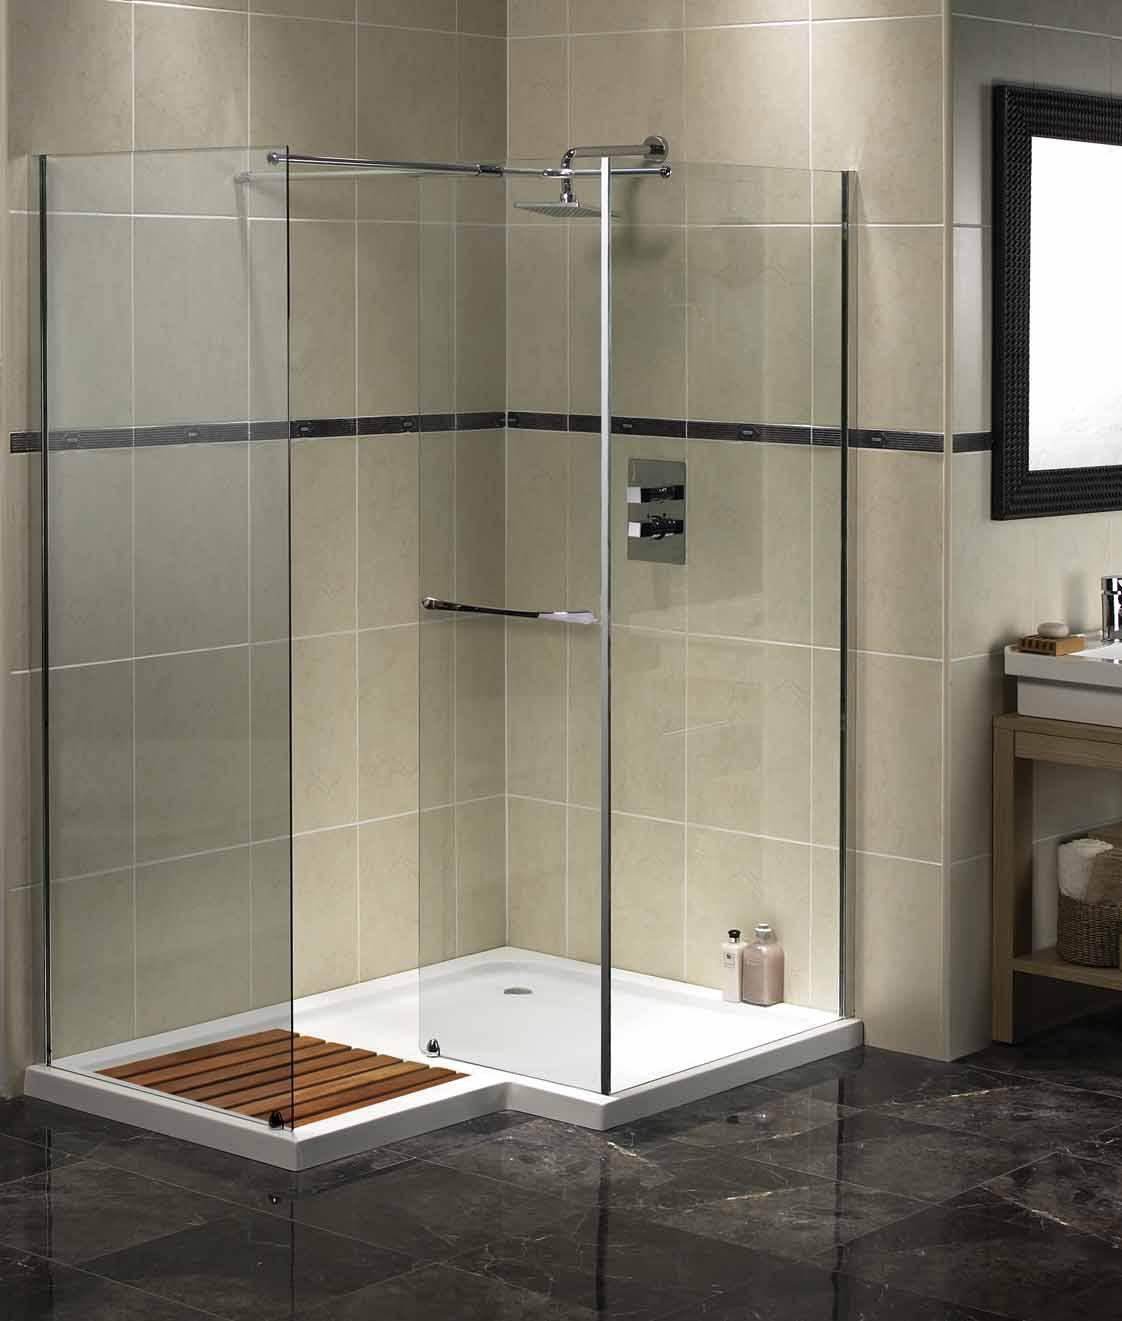 4 caracter sticas que definen la cabina de duchas para for Banos modernos 2016 con ducha